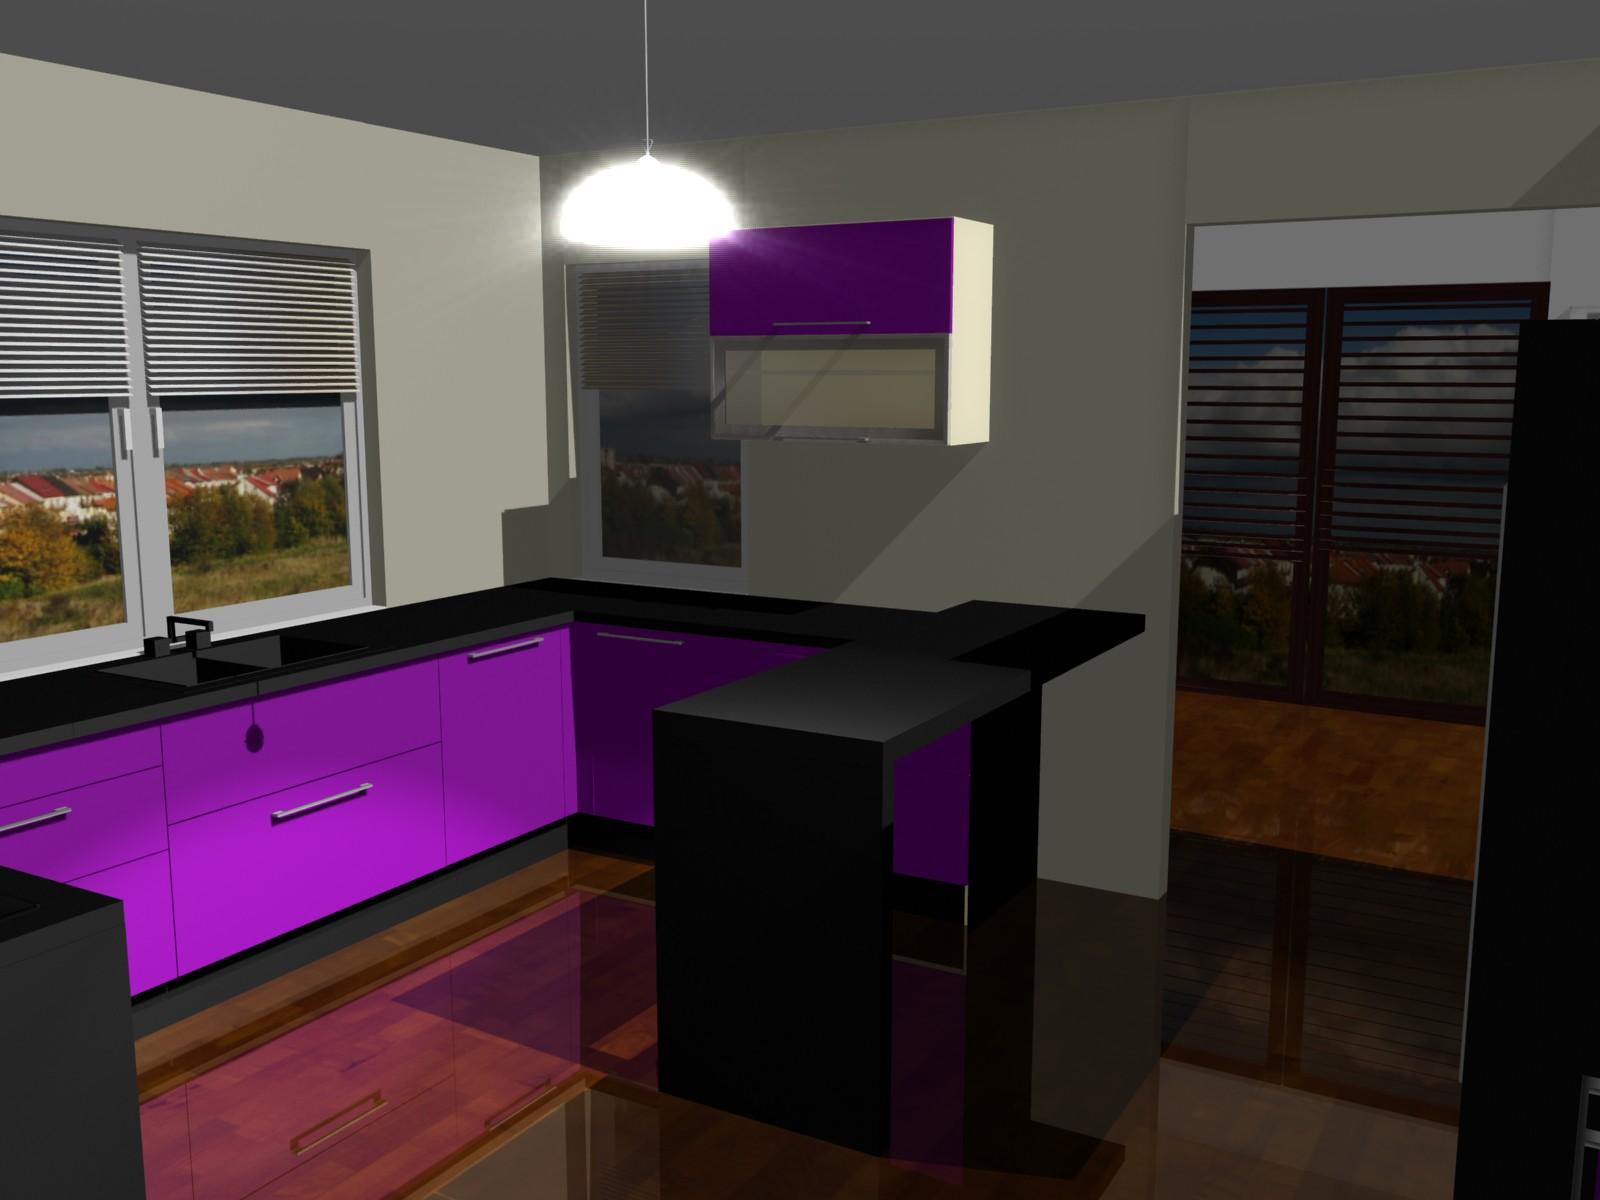 projekty kuchni fioletowej (10)  Projekty i aranżacje wnętrz -> Kuchnie W Fiolecie